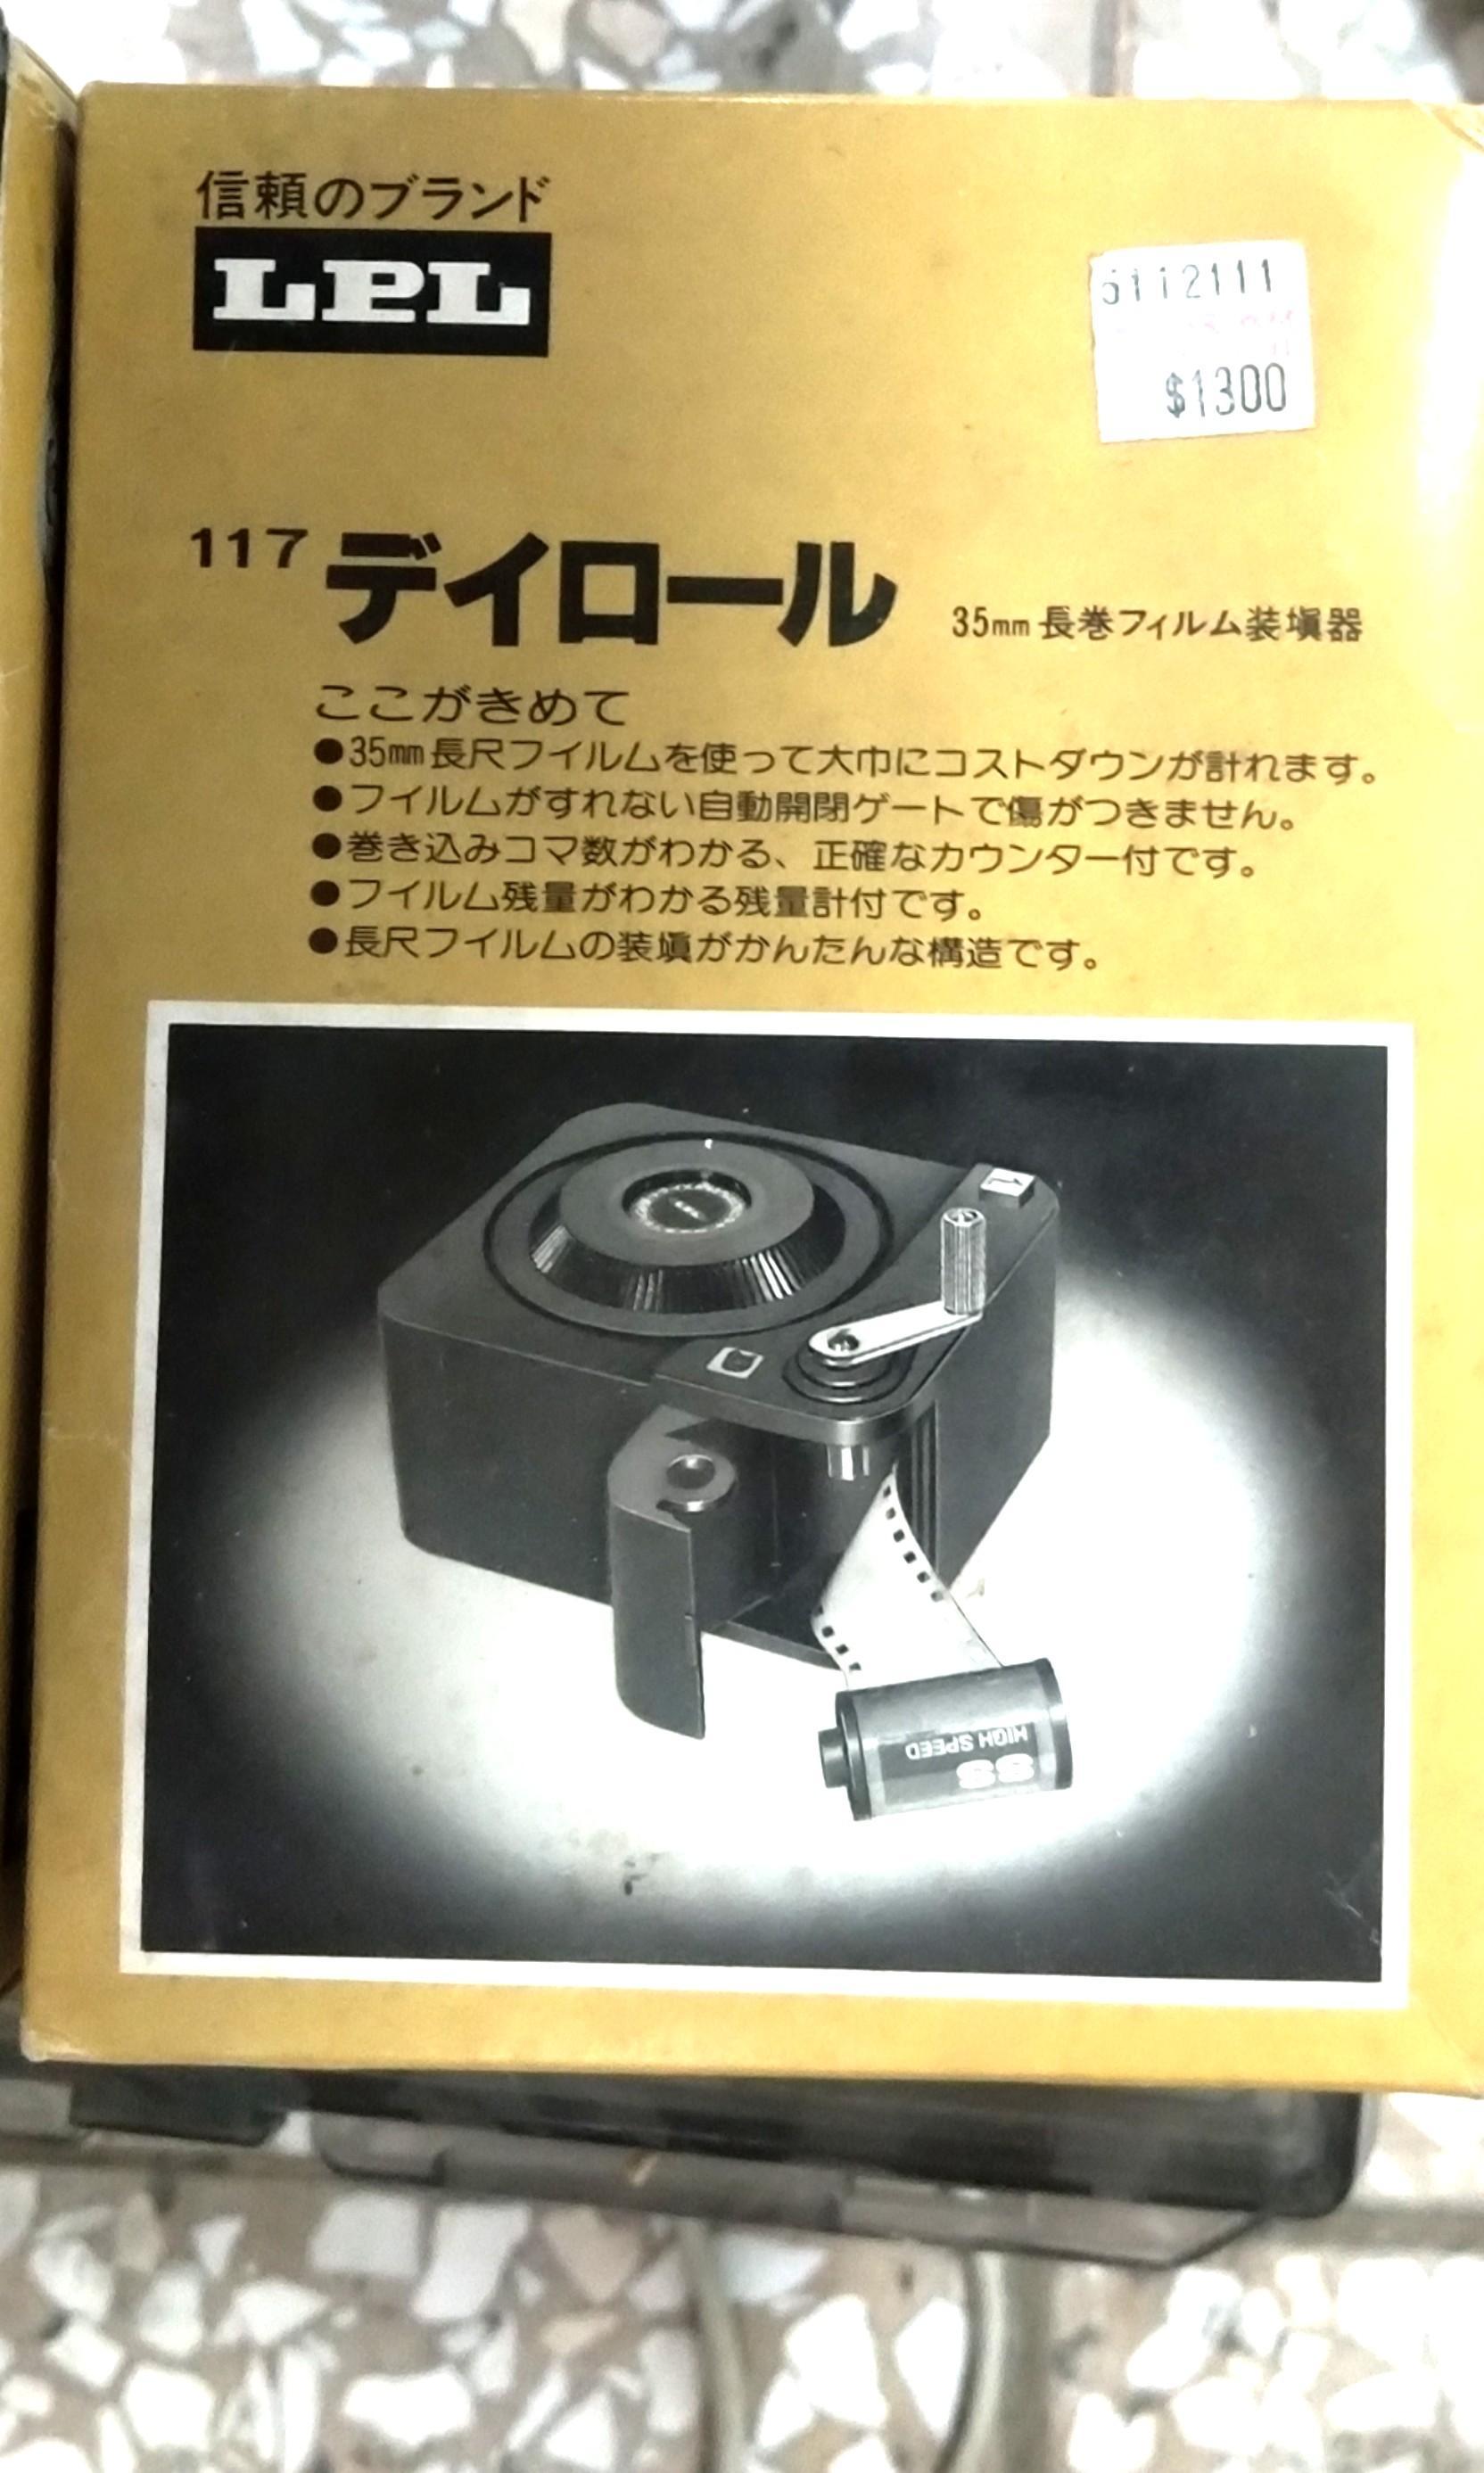 日本製LPL DAYROLL捲片器